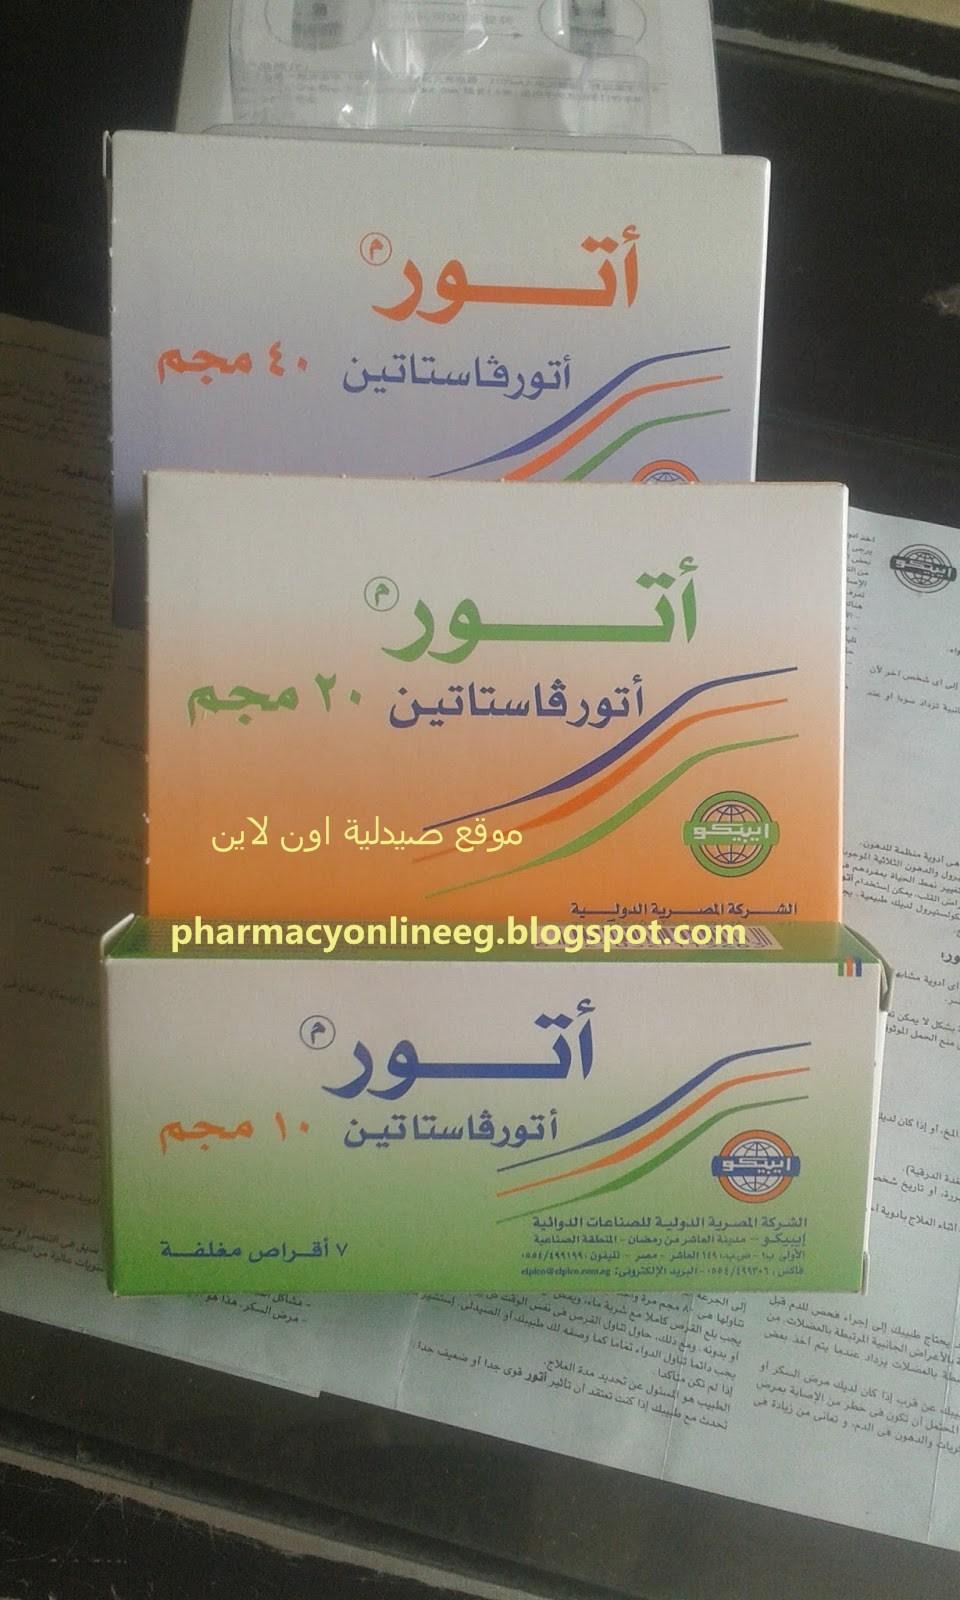 أتورأقراص لعلاج نسبة الدهون فى الدم علاج الكوليستيرول